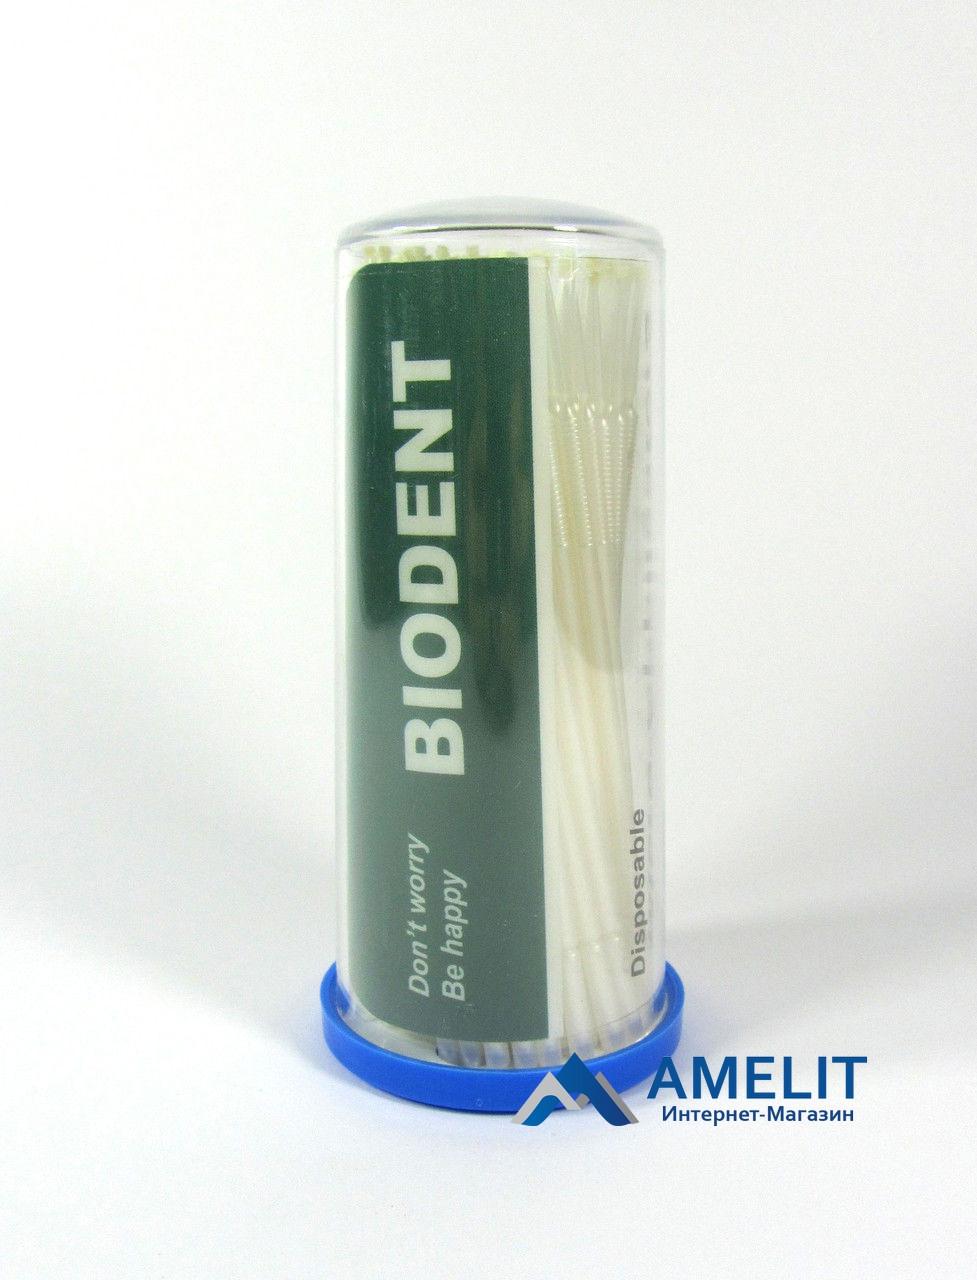 Микроаппликаторы Биодент (Biodent), Fine/средние, 100шт./упак.